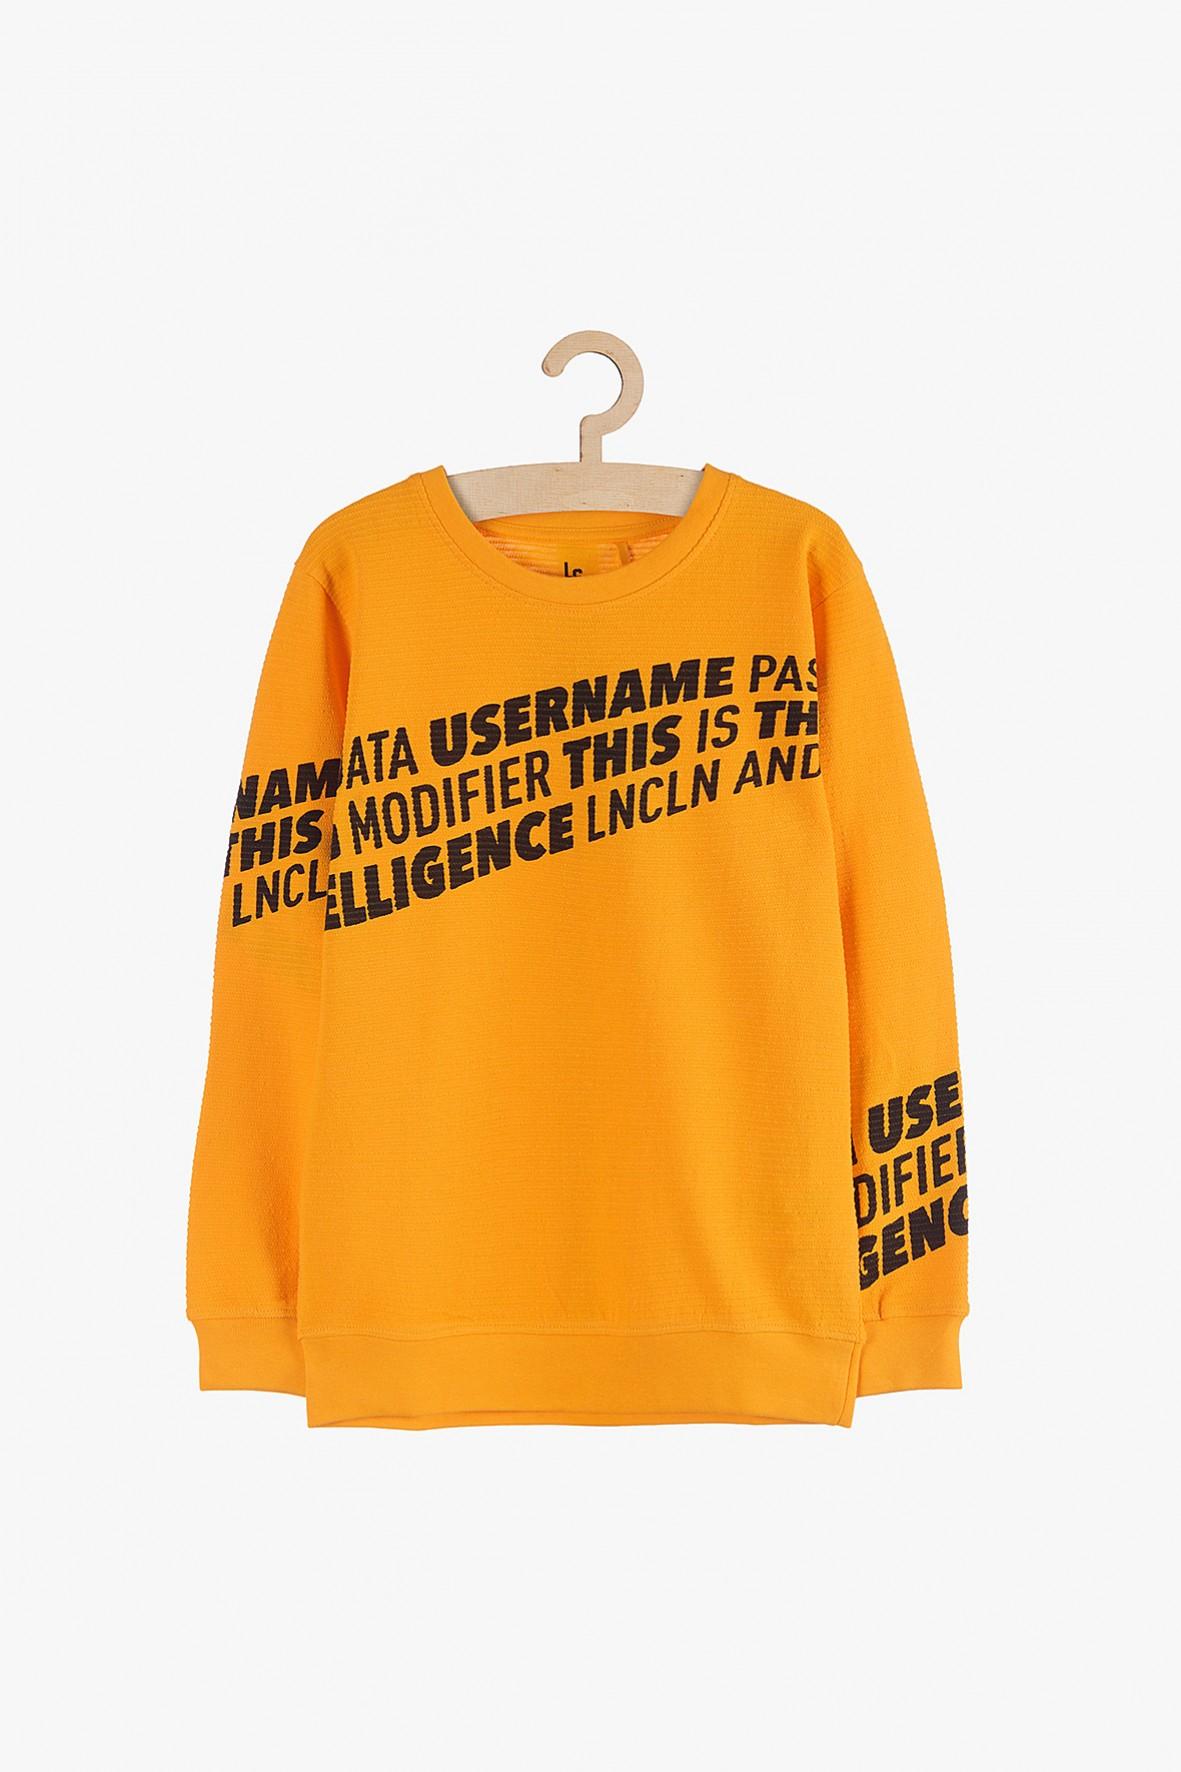 Bluzka chłopięca pomarańczowa z czarnymi napisami